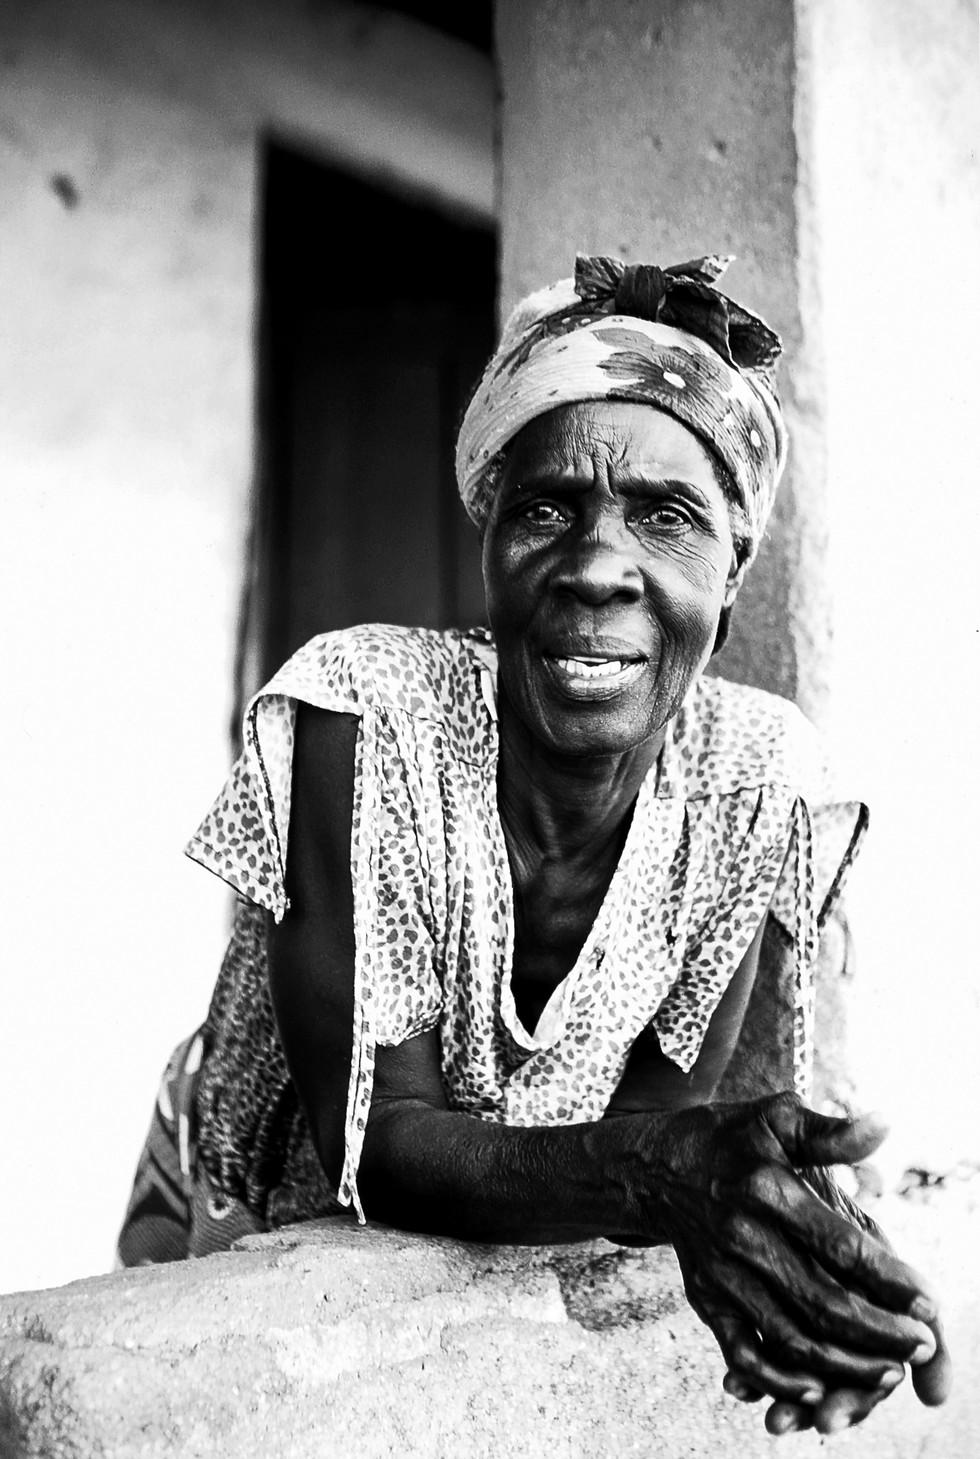 Chikwina, Malawi, 2009